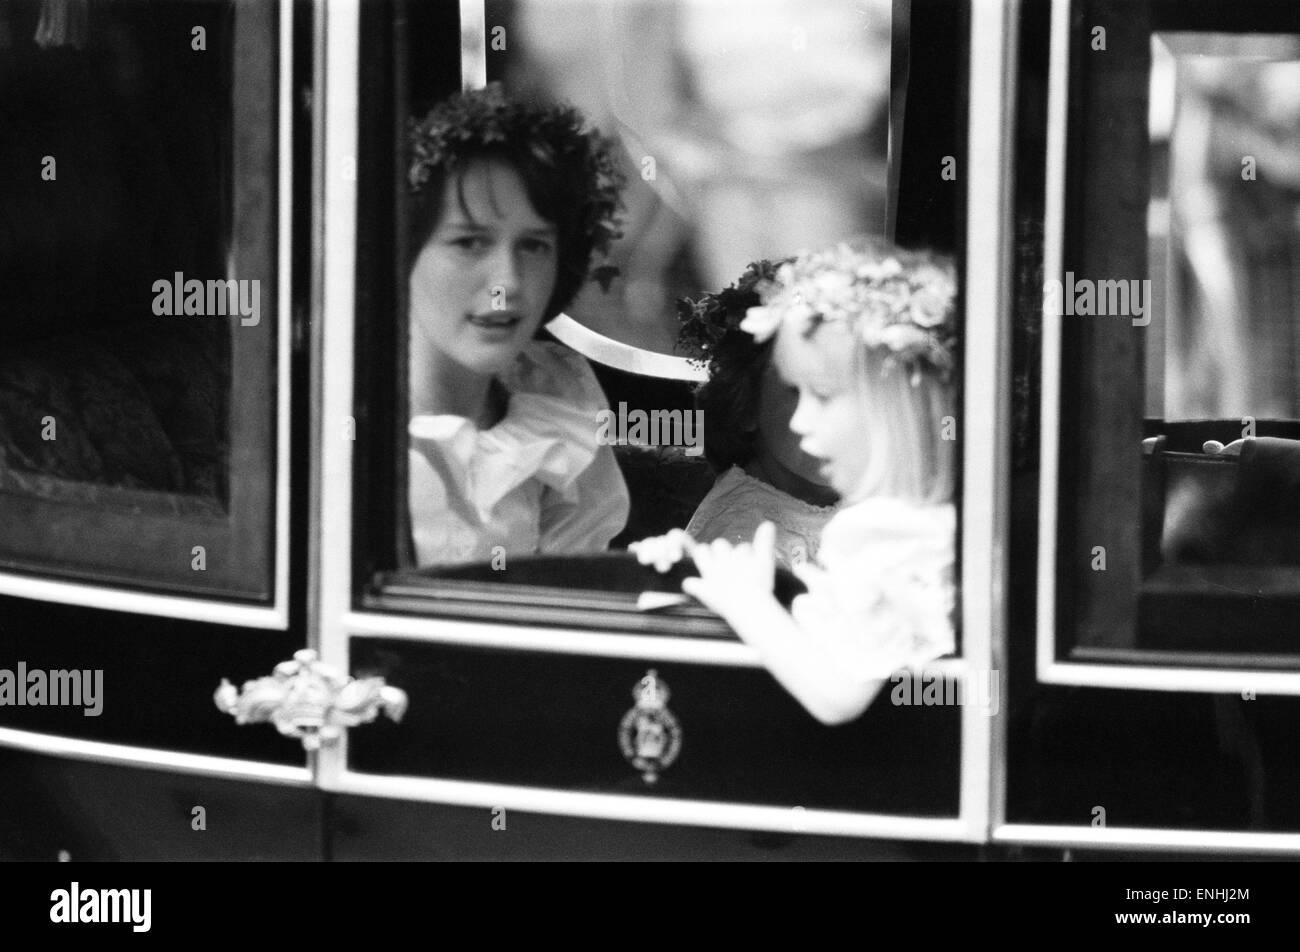 Día de la boda del príncipe Carlos y Lady Diana Spencer, 29 de julio de 1981. Foto: asistentes nupcial en procesión real, India Hicks (13 años) y Clementine Hambro (edad 5). Foto de stock